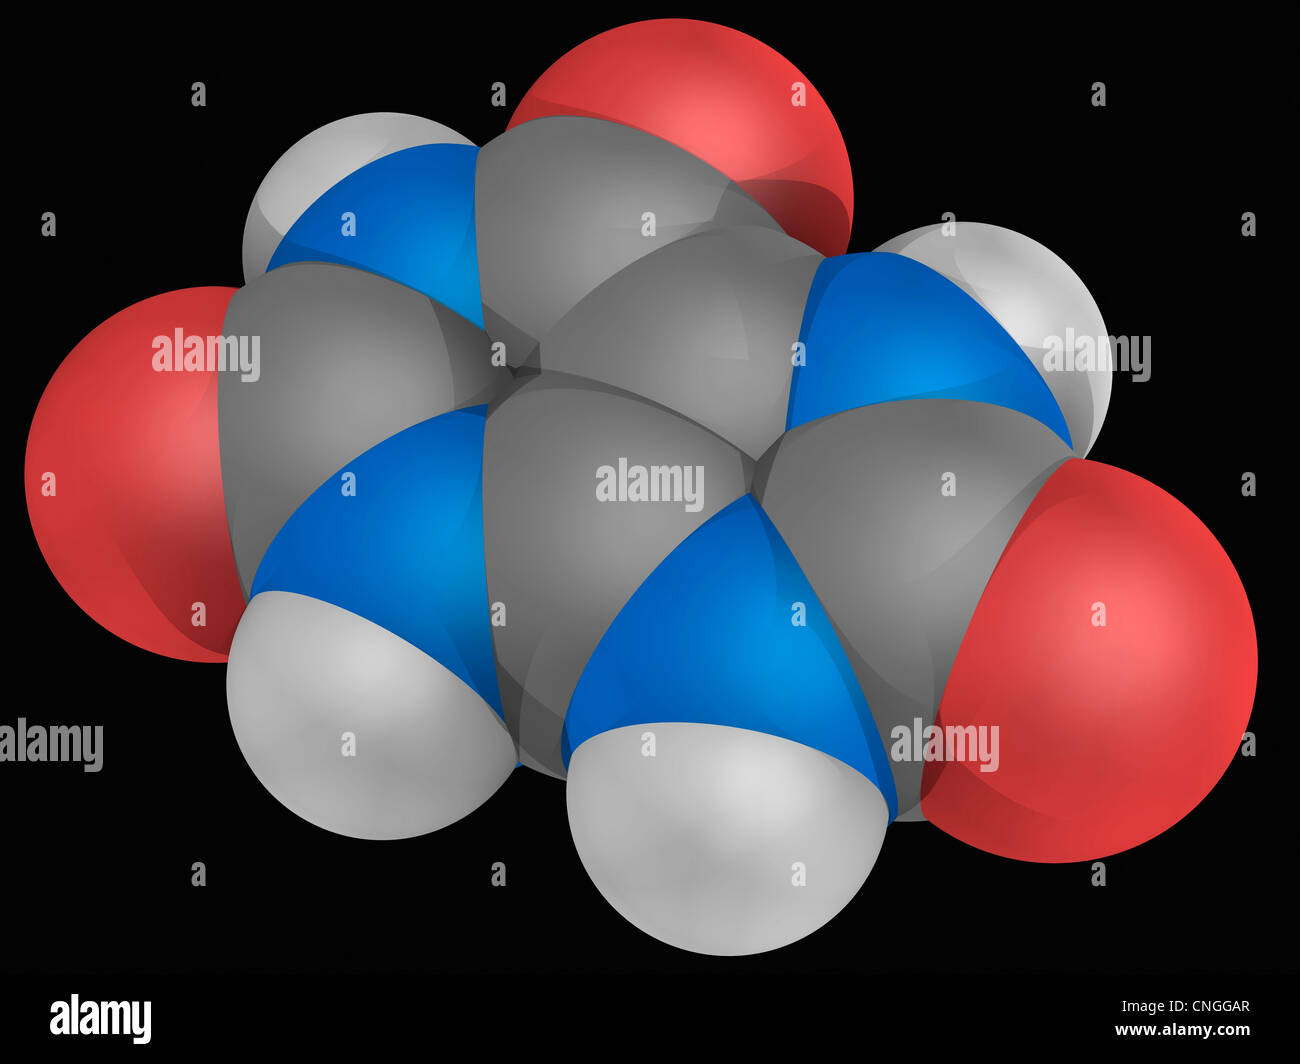 Uric acid molecule - Stock Image